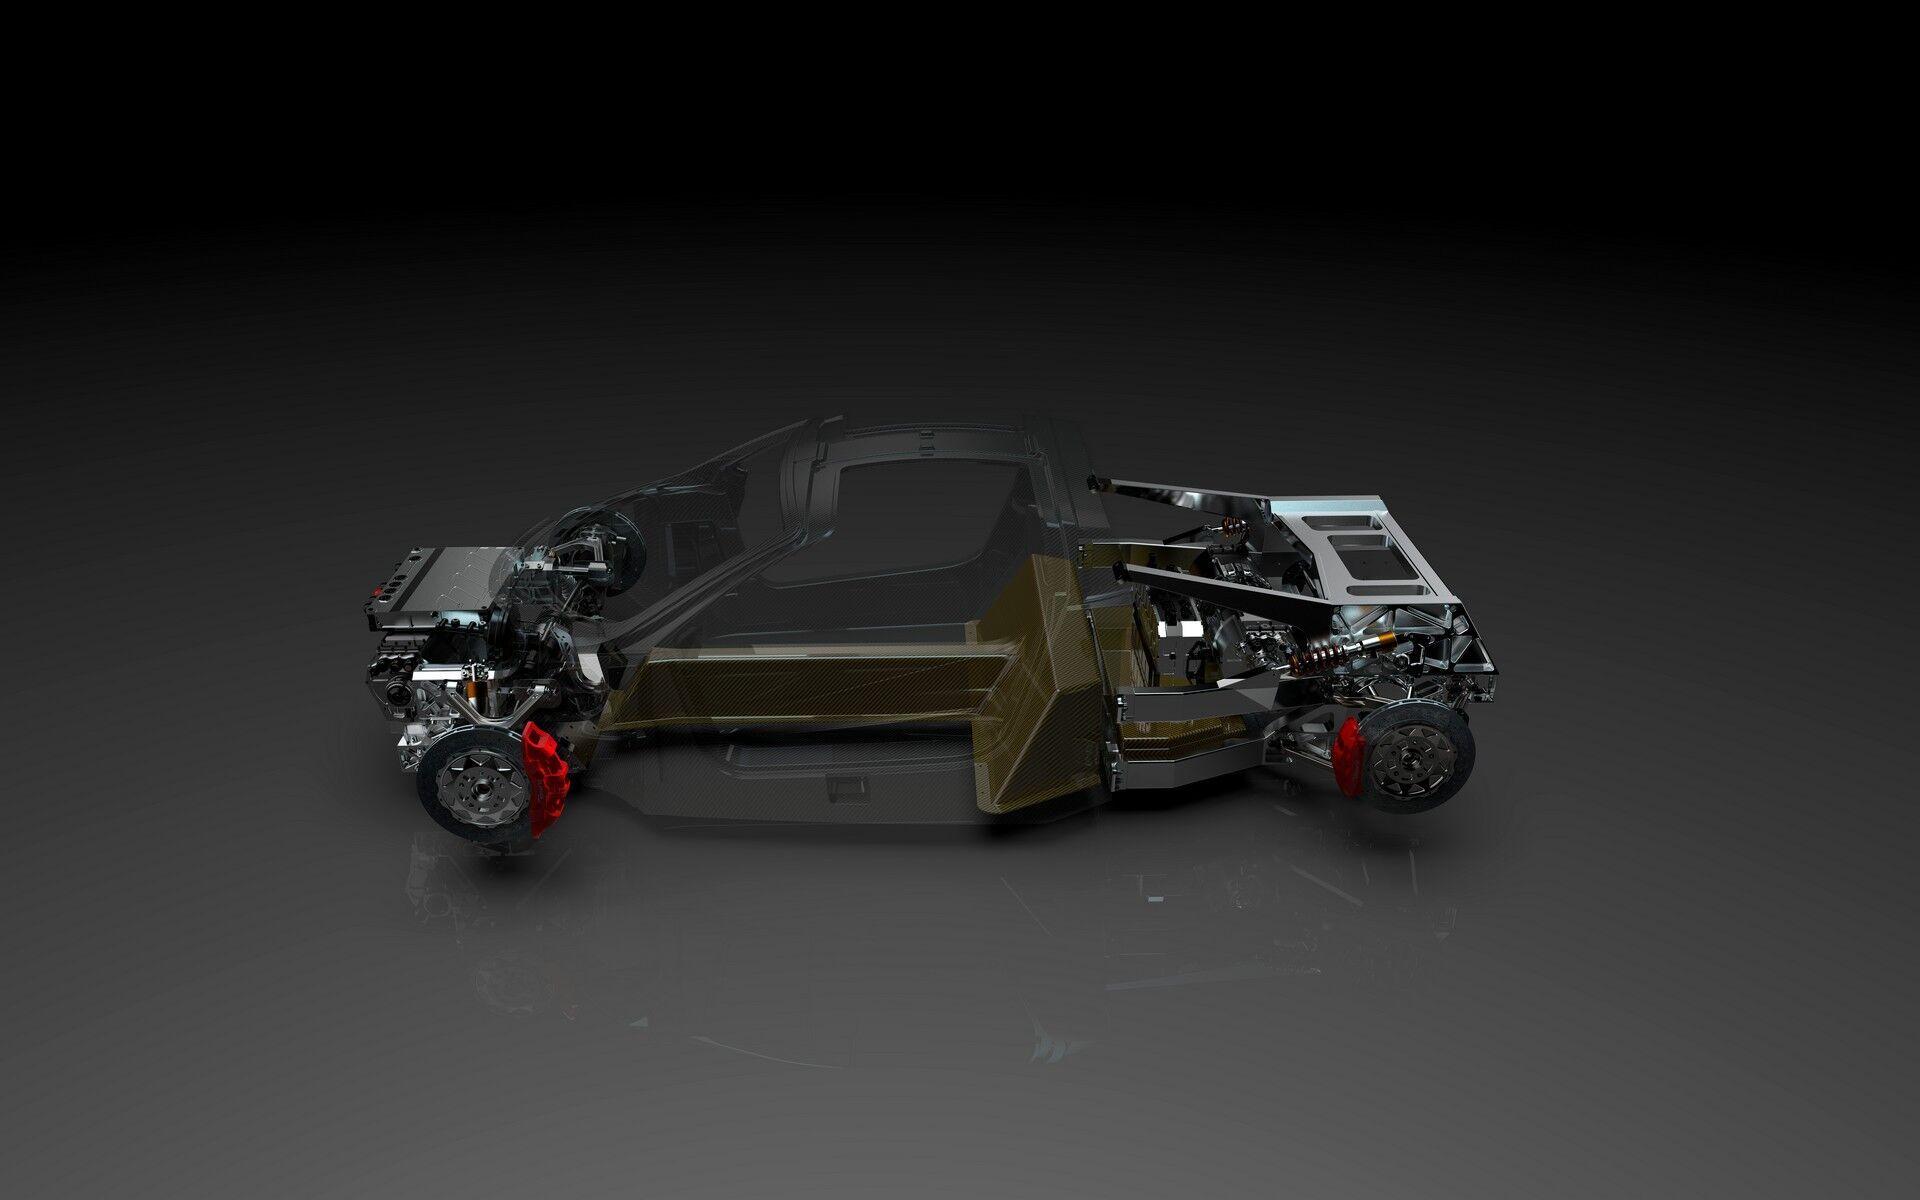 В основі купе Freedom лежить карбоновий монокок вагою приблизно 82 кг, з яким з'єднується T-образна літій-іонна батарея